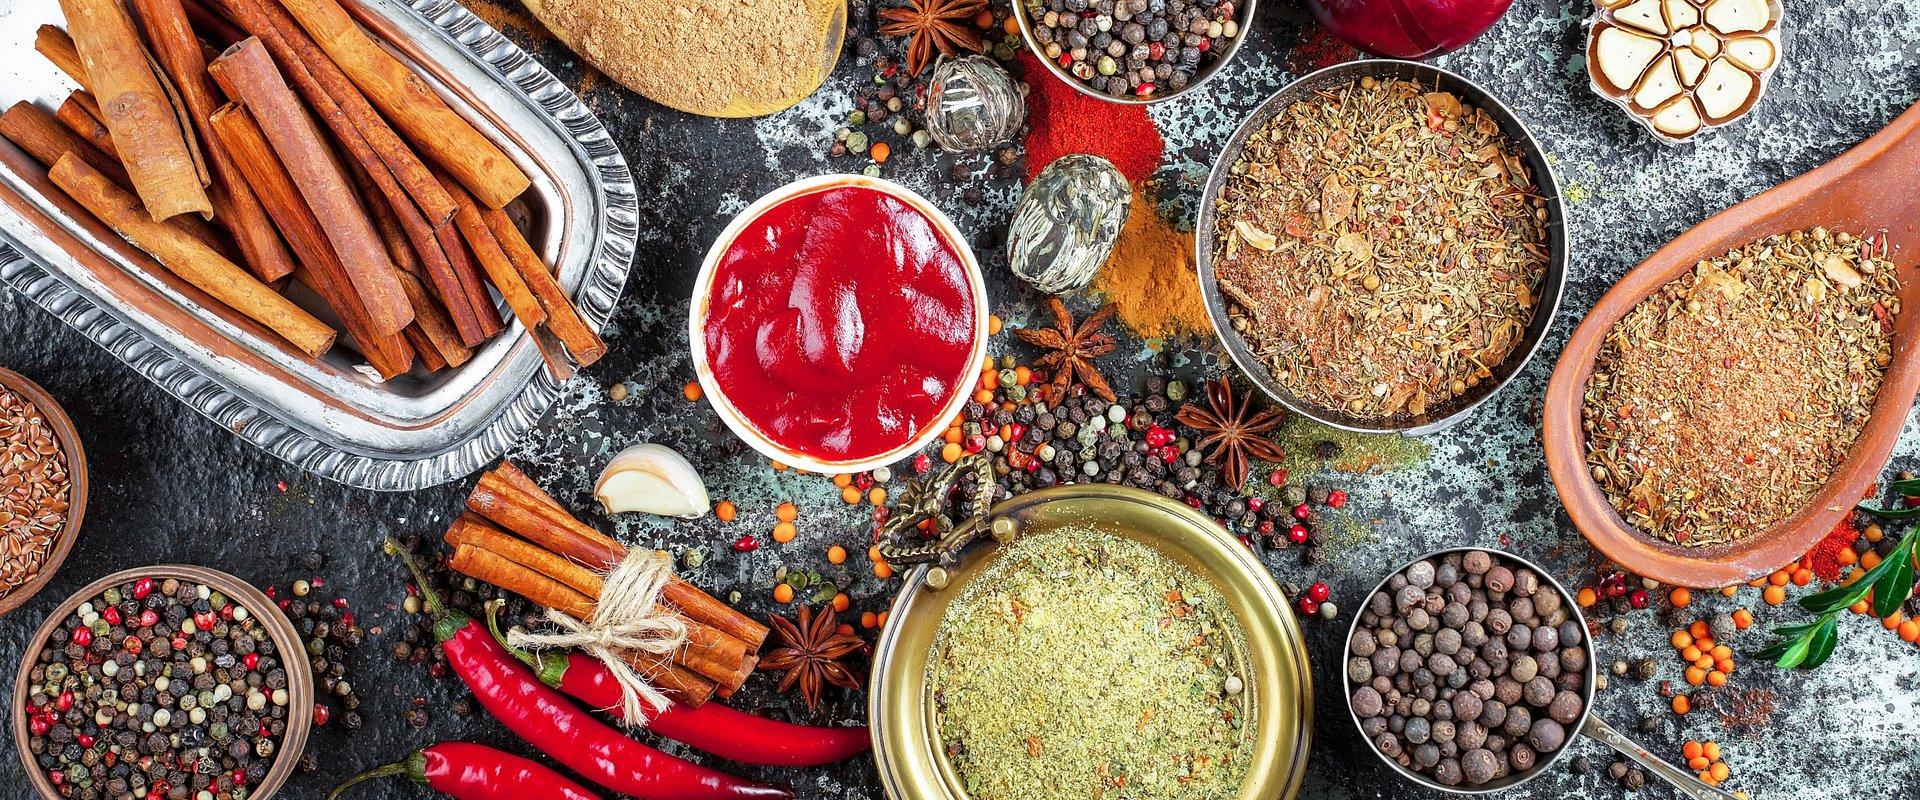 Życie na ostro. 5 powodów, dla których warto dodać swojej kuchni nieco pikanterii